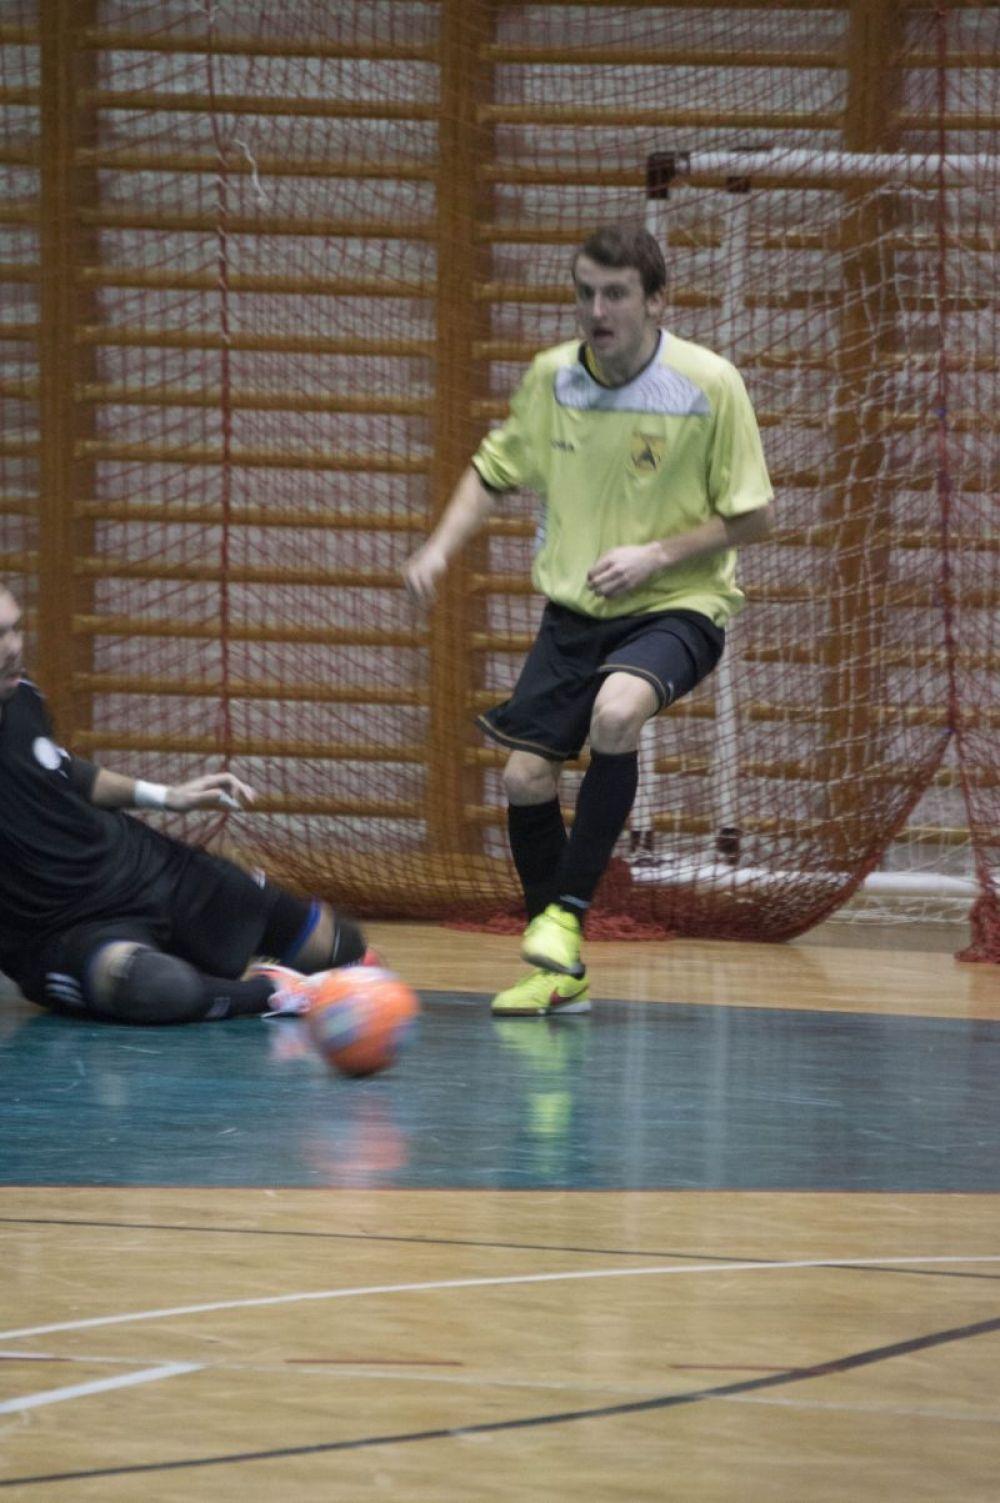 ŠK Makroteam Žilina - V kľúčovom zápase najslabší výkon sezóny, foto 2